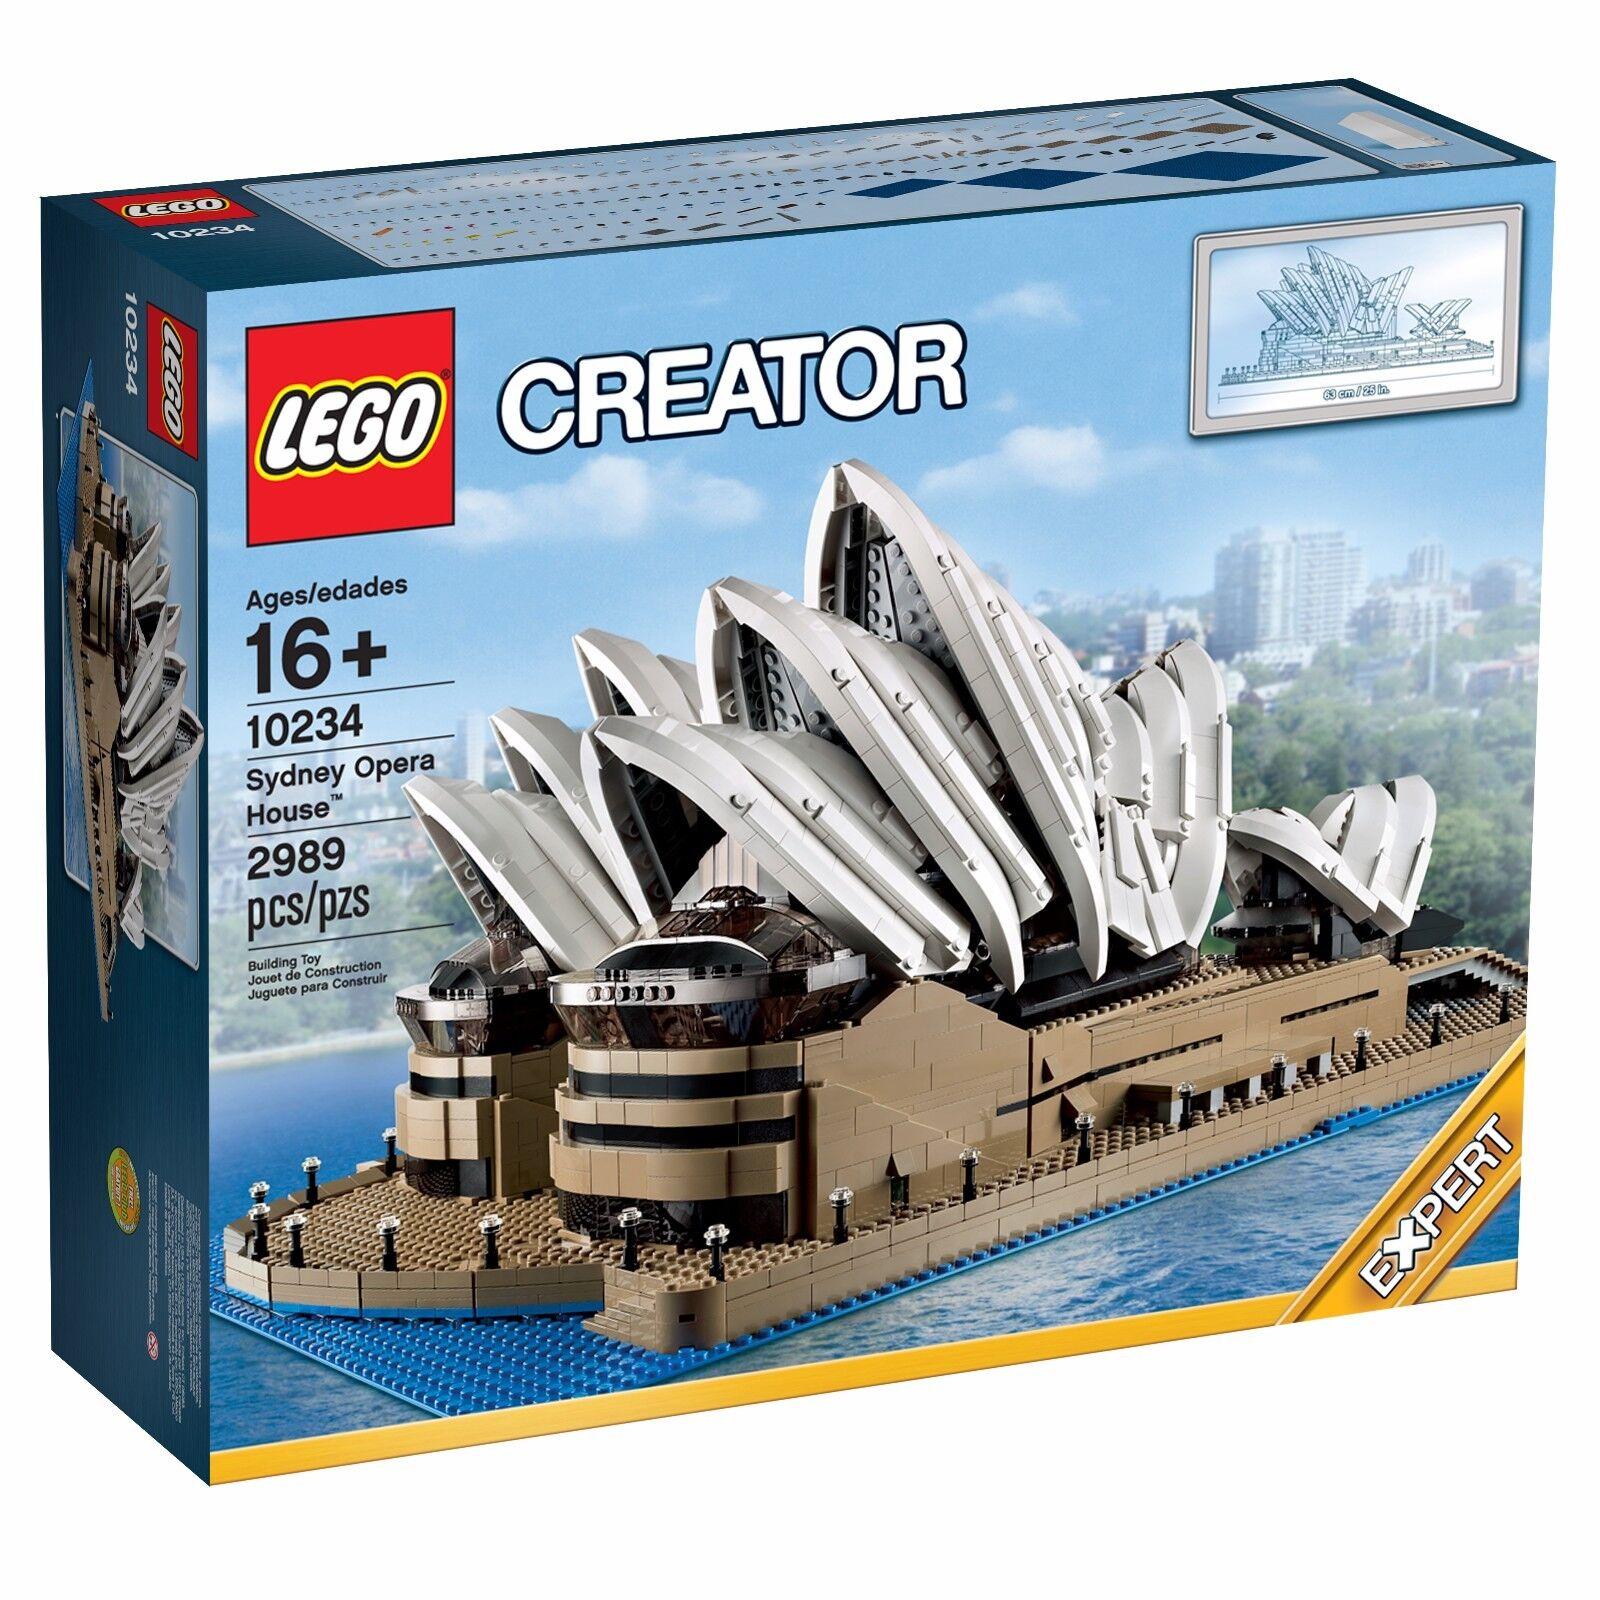 Lego Sydney Opera House Creator 10234 Retired Set Brand New Sealed Boxed